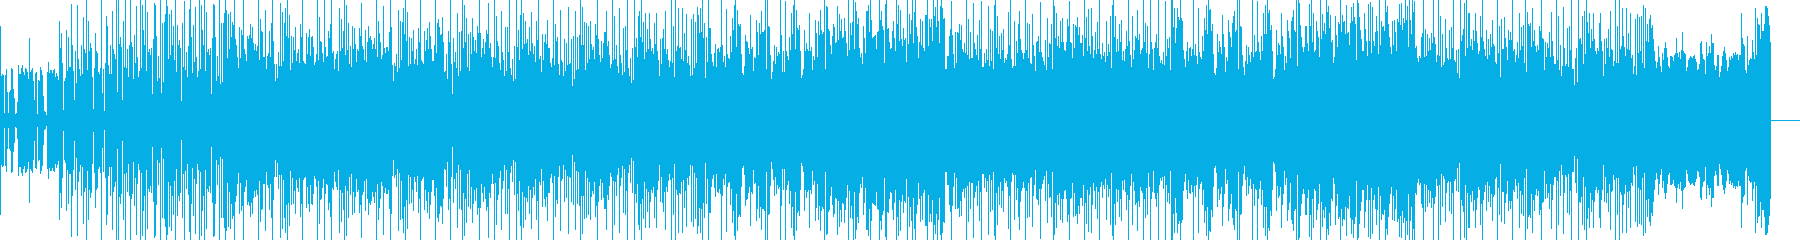 無機質なテクノにポップなメロディが乗る曲の再生済みの波形